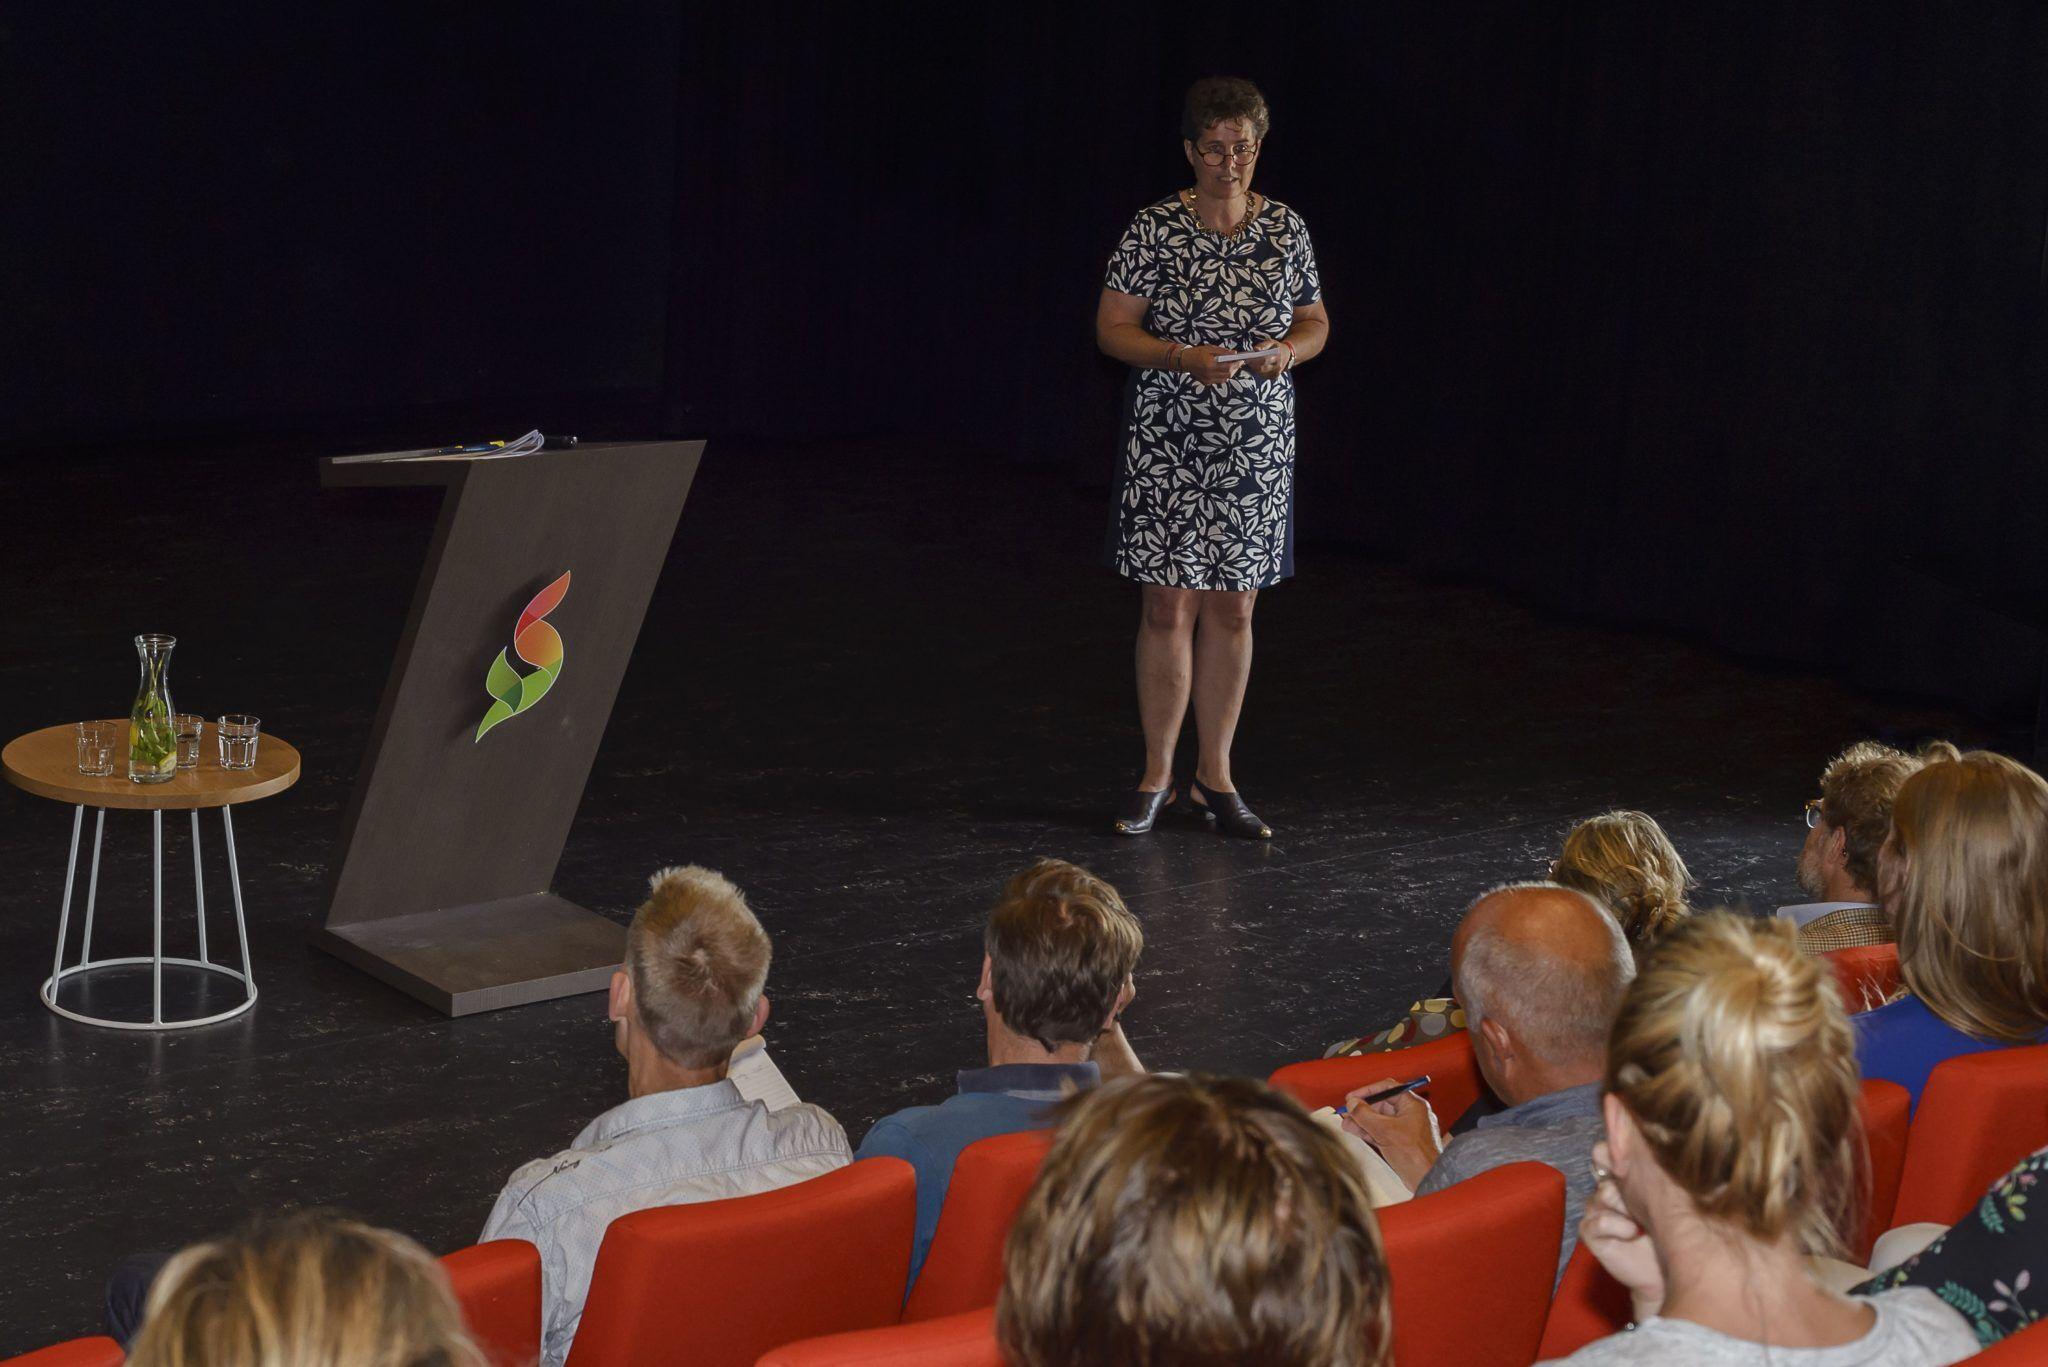 Saskia de Jong